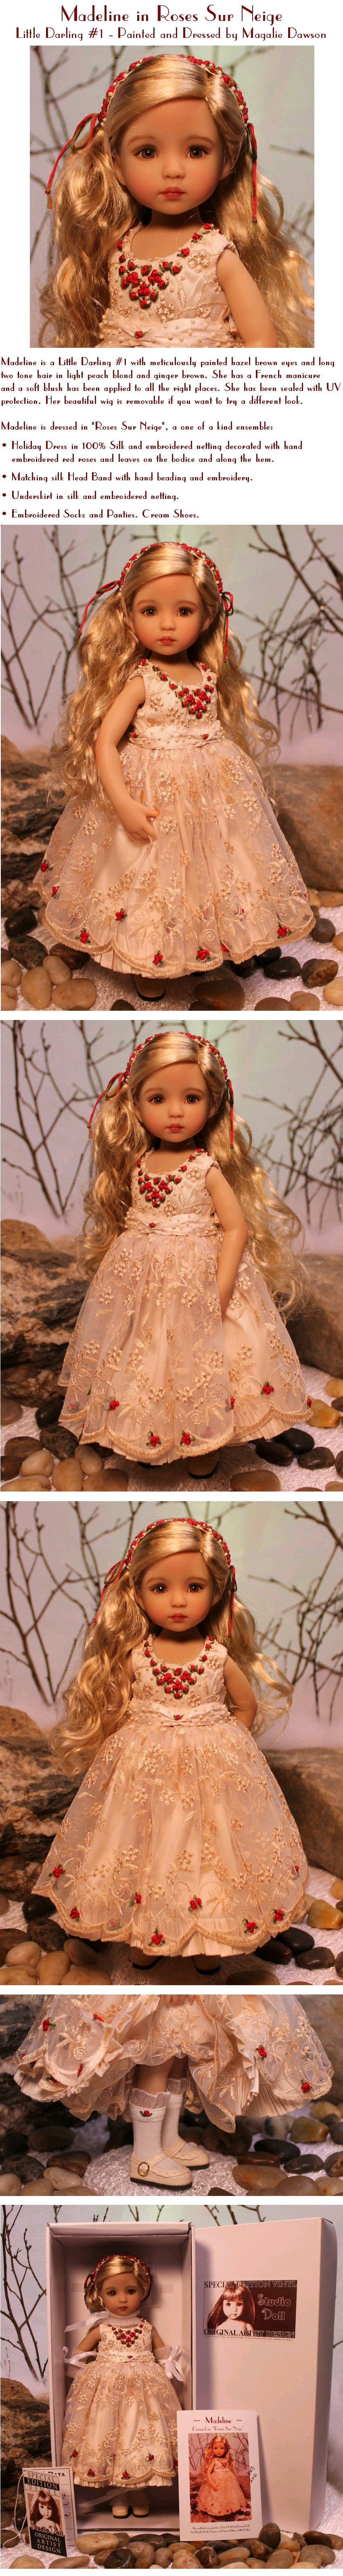 Madeline dressed in Roses Sur Neige